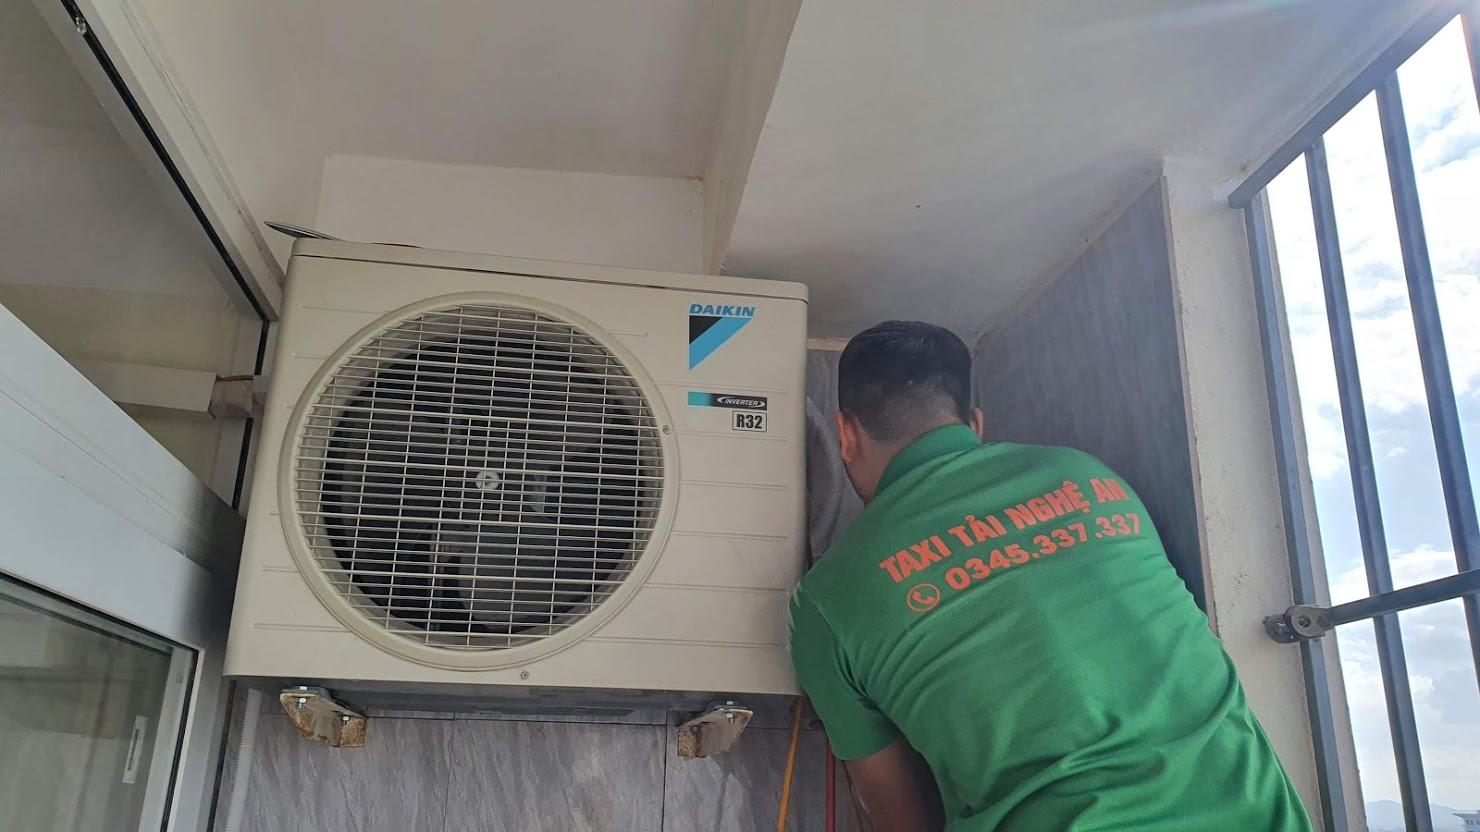 Chuyển Nhà Nghệ An - Thợ điện lạnh, tháo lắp điều hòa